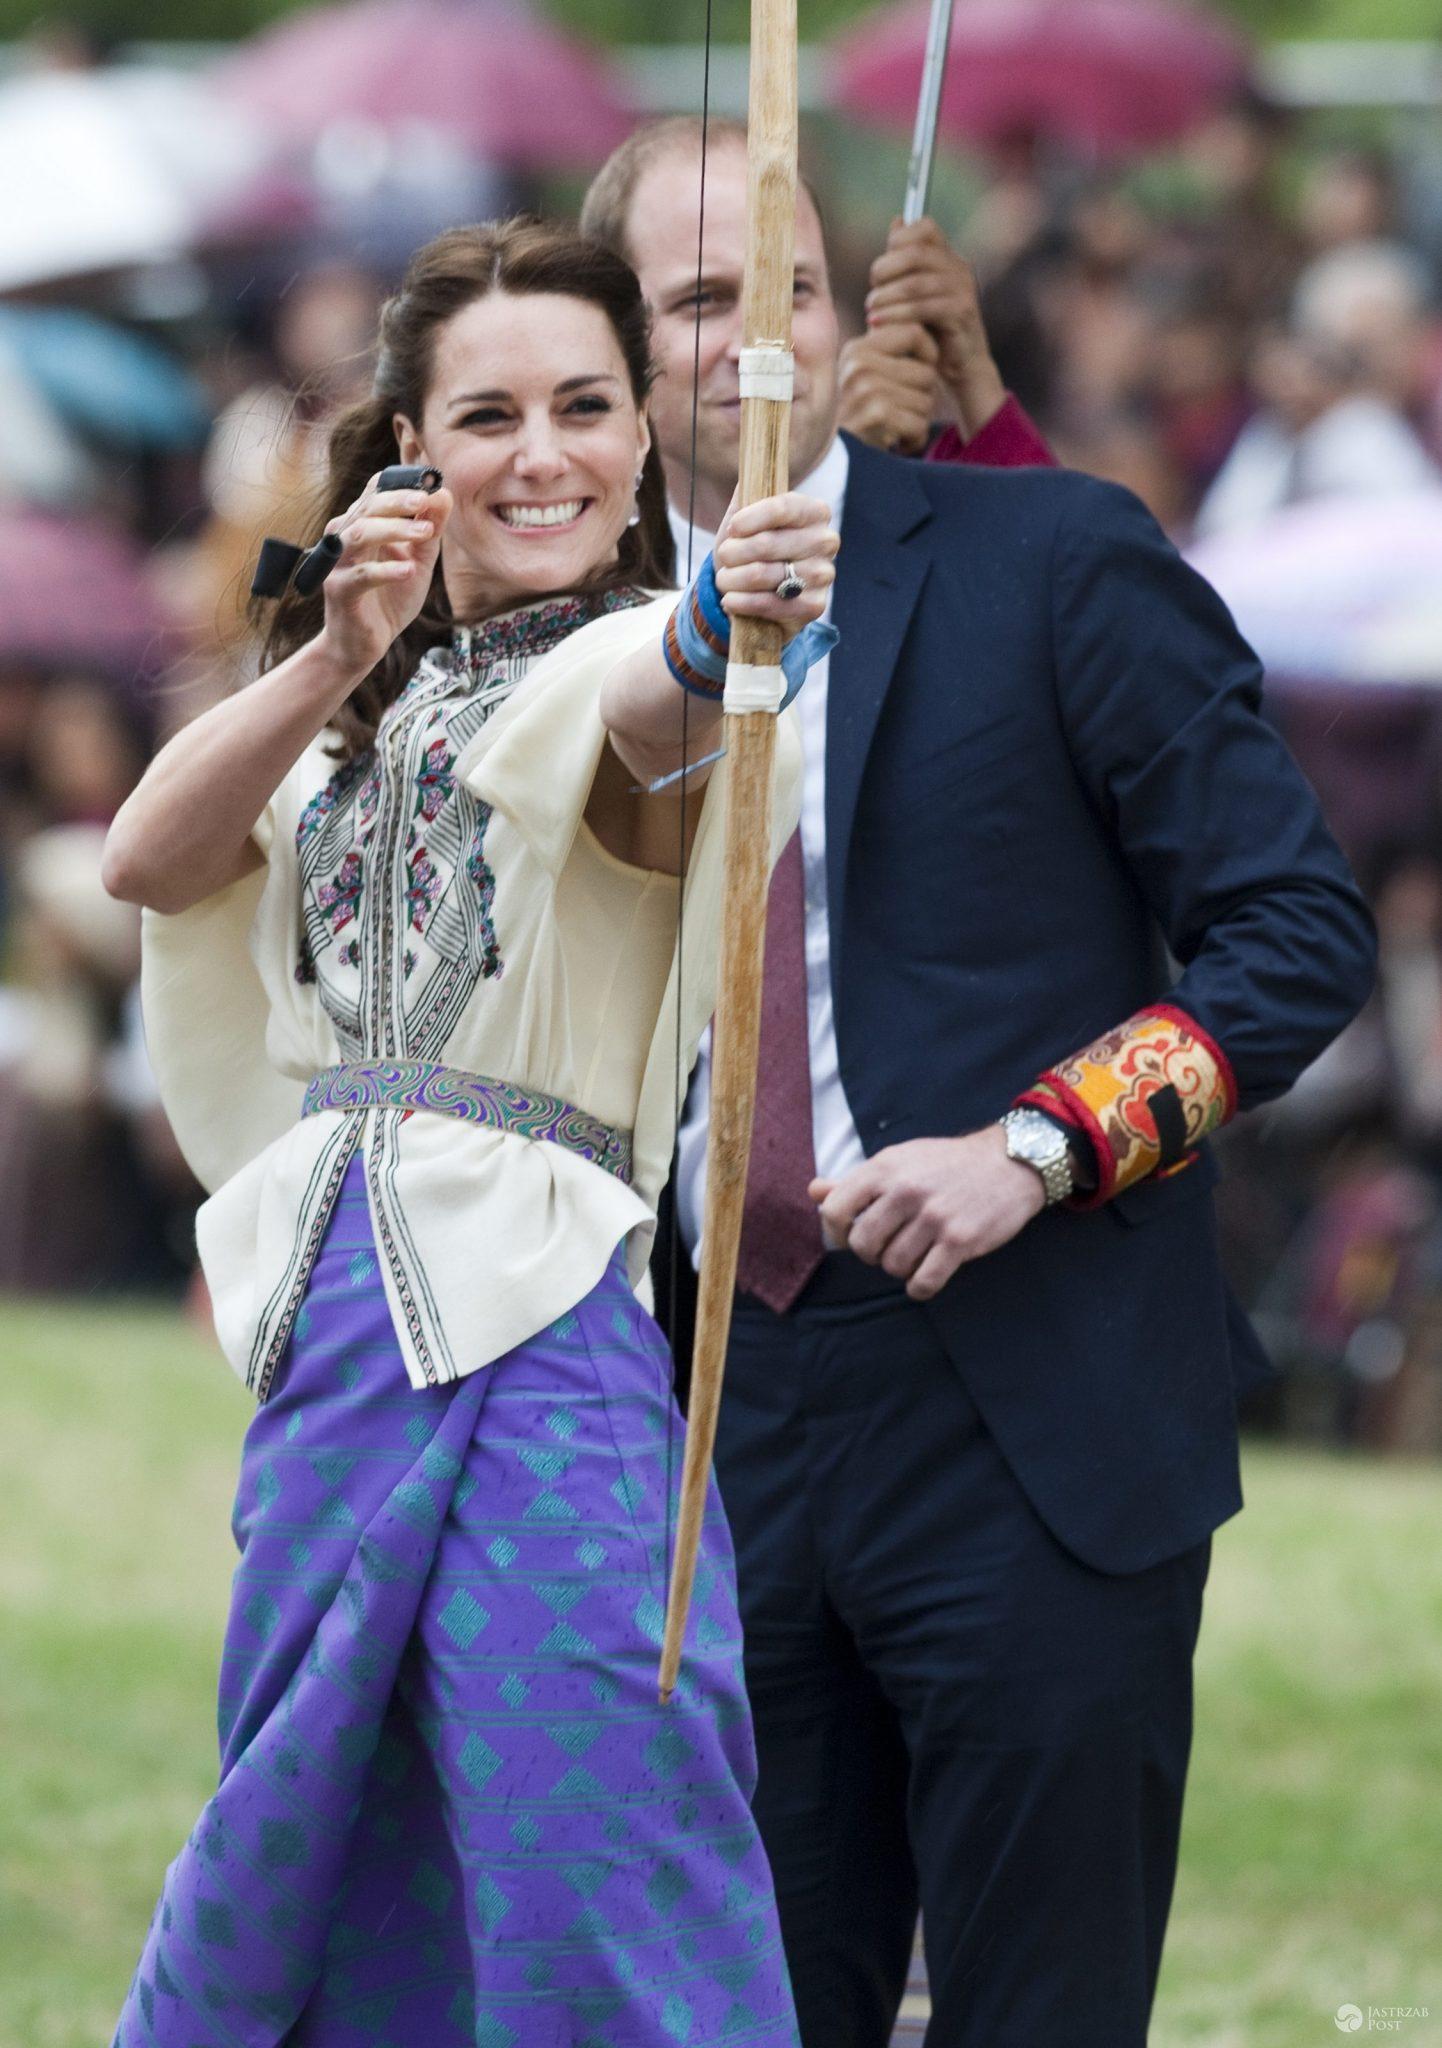 Księżna Kate uwielbia sport. To dzięki niemu utrzymuje zgrabną sylwetkę (fot. ONS)